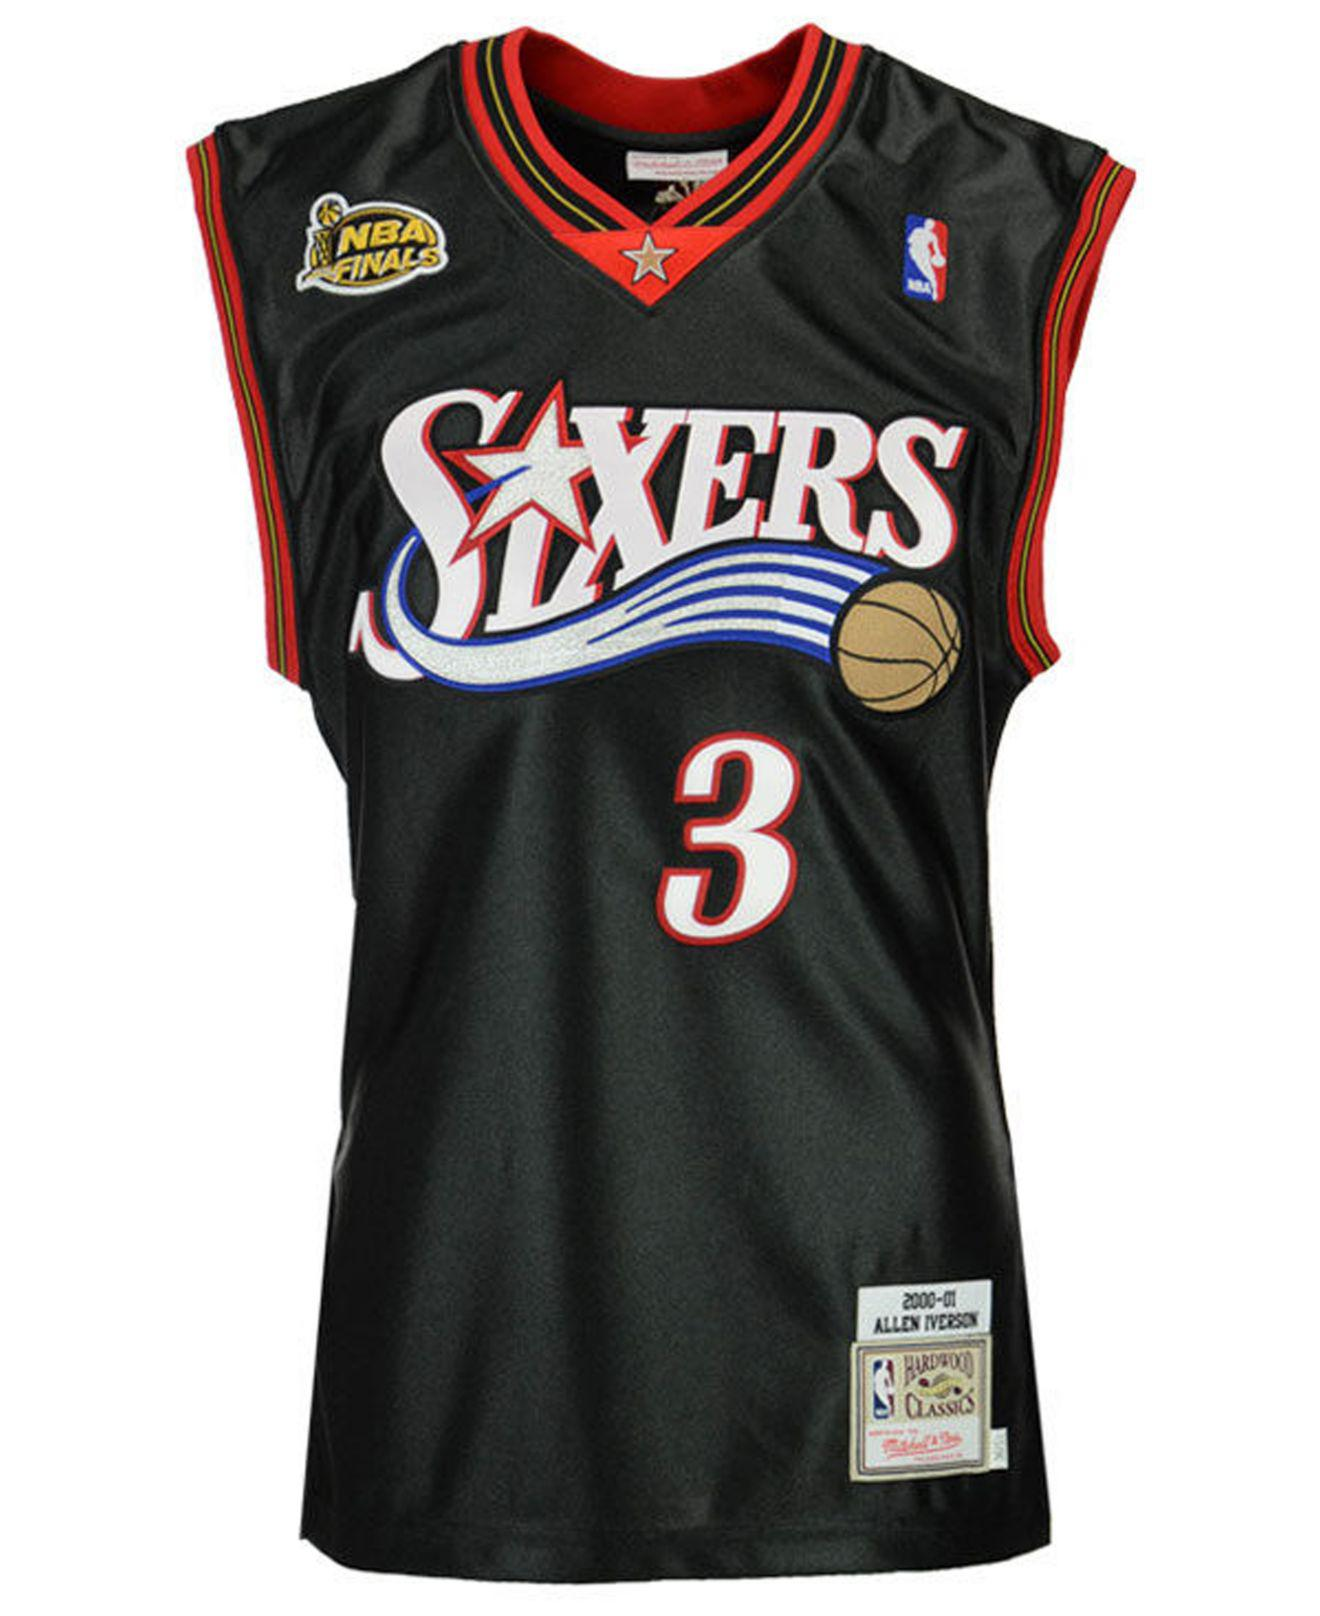 cheaper 7760e 00e9a Men's Black Allen Iverson Philadelphia 76ers Authentic Jersey